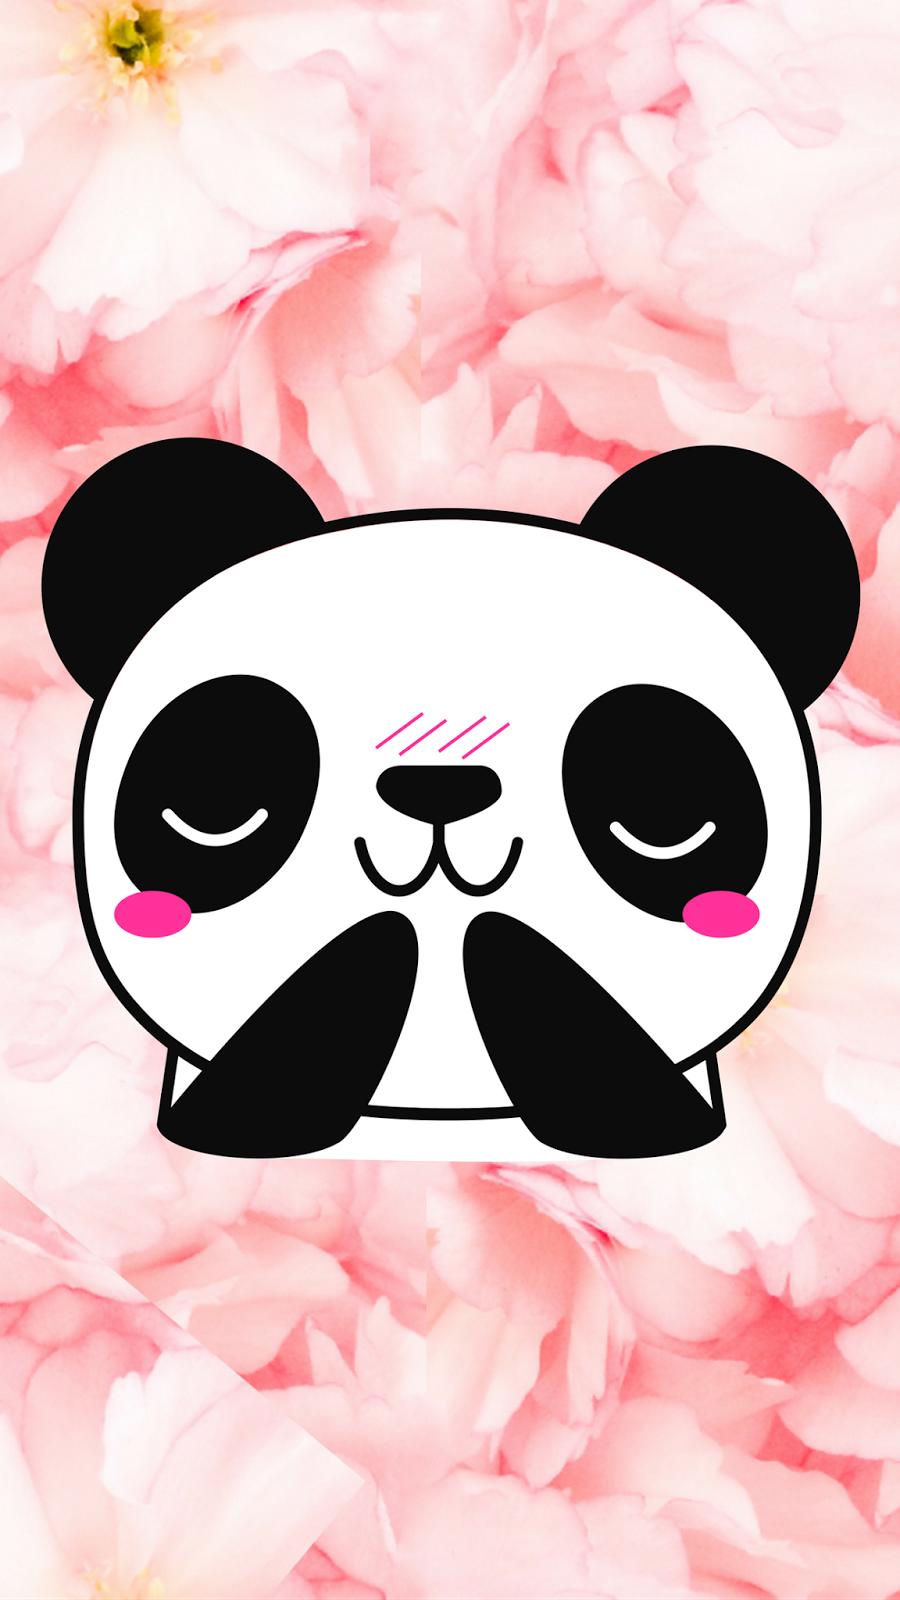 Free Cute Panda Wallpapers I Blog About Stuff Xo